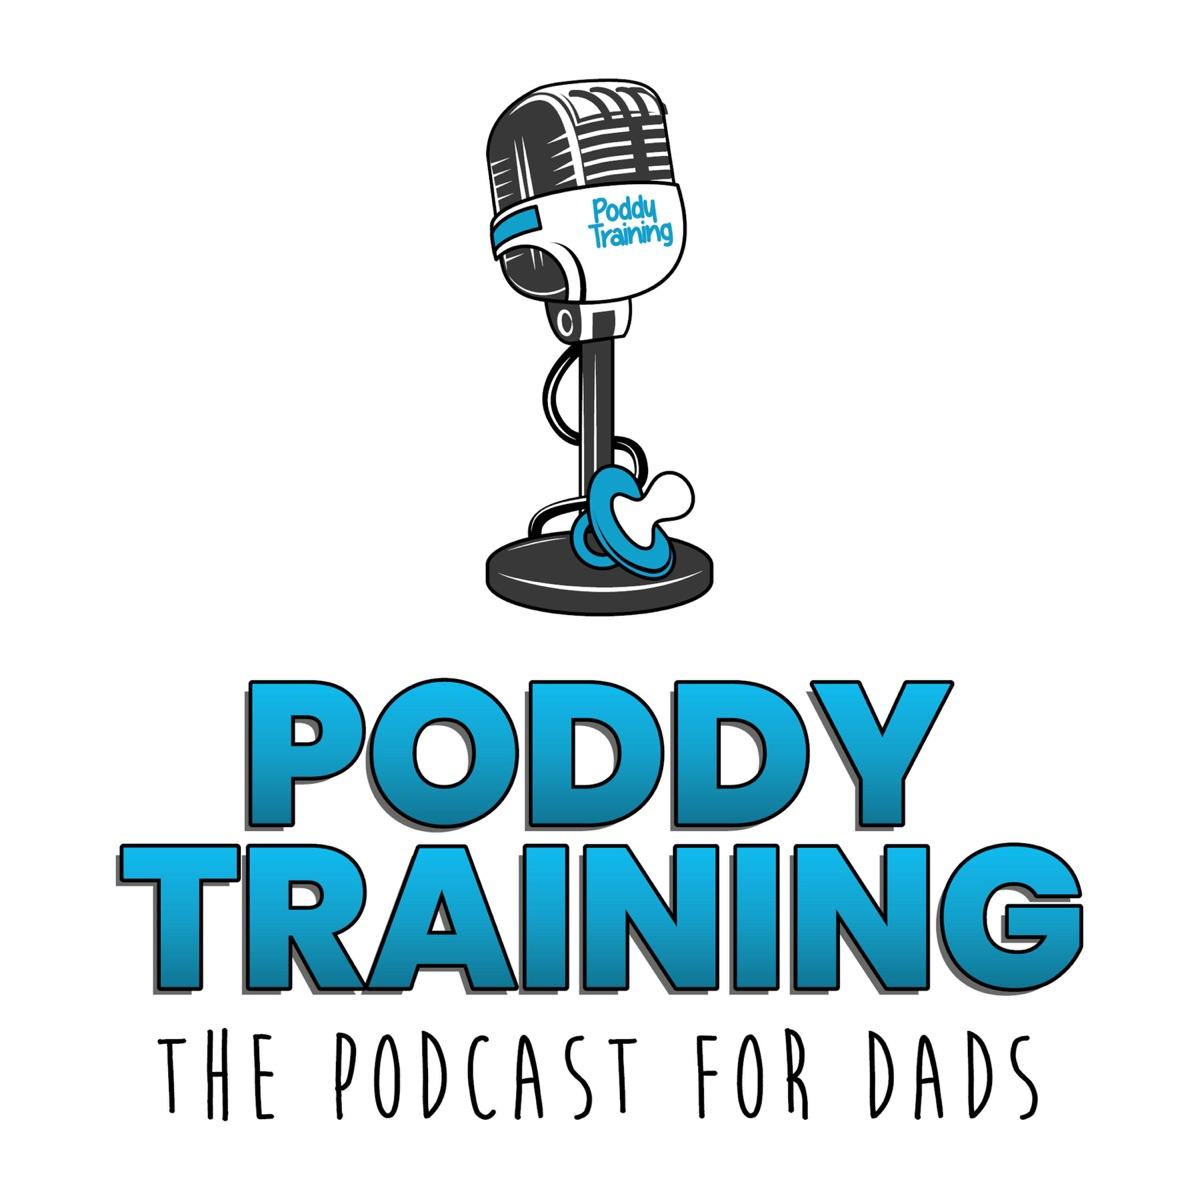 Poddy Training